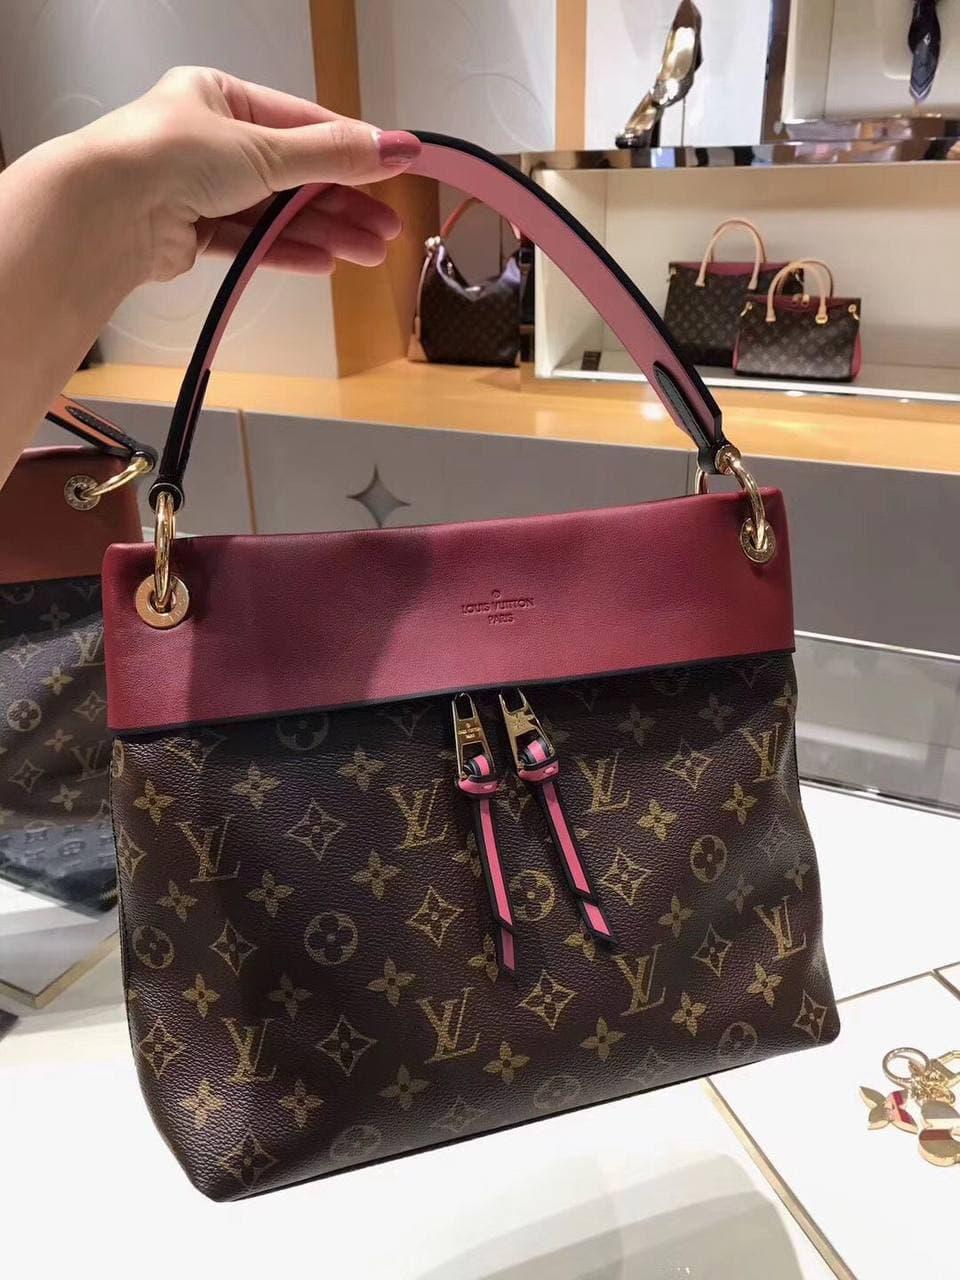 Sacs à main femme tendances - Louis Vuitton